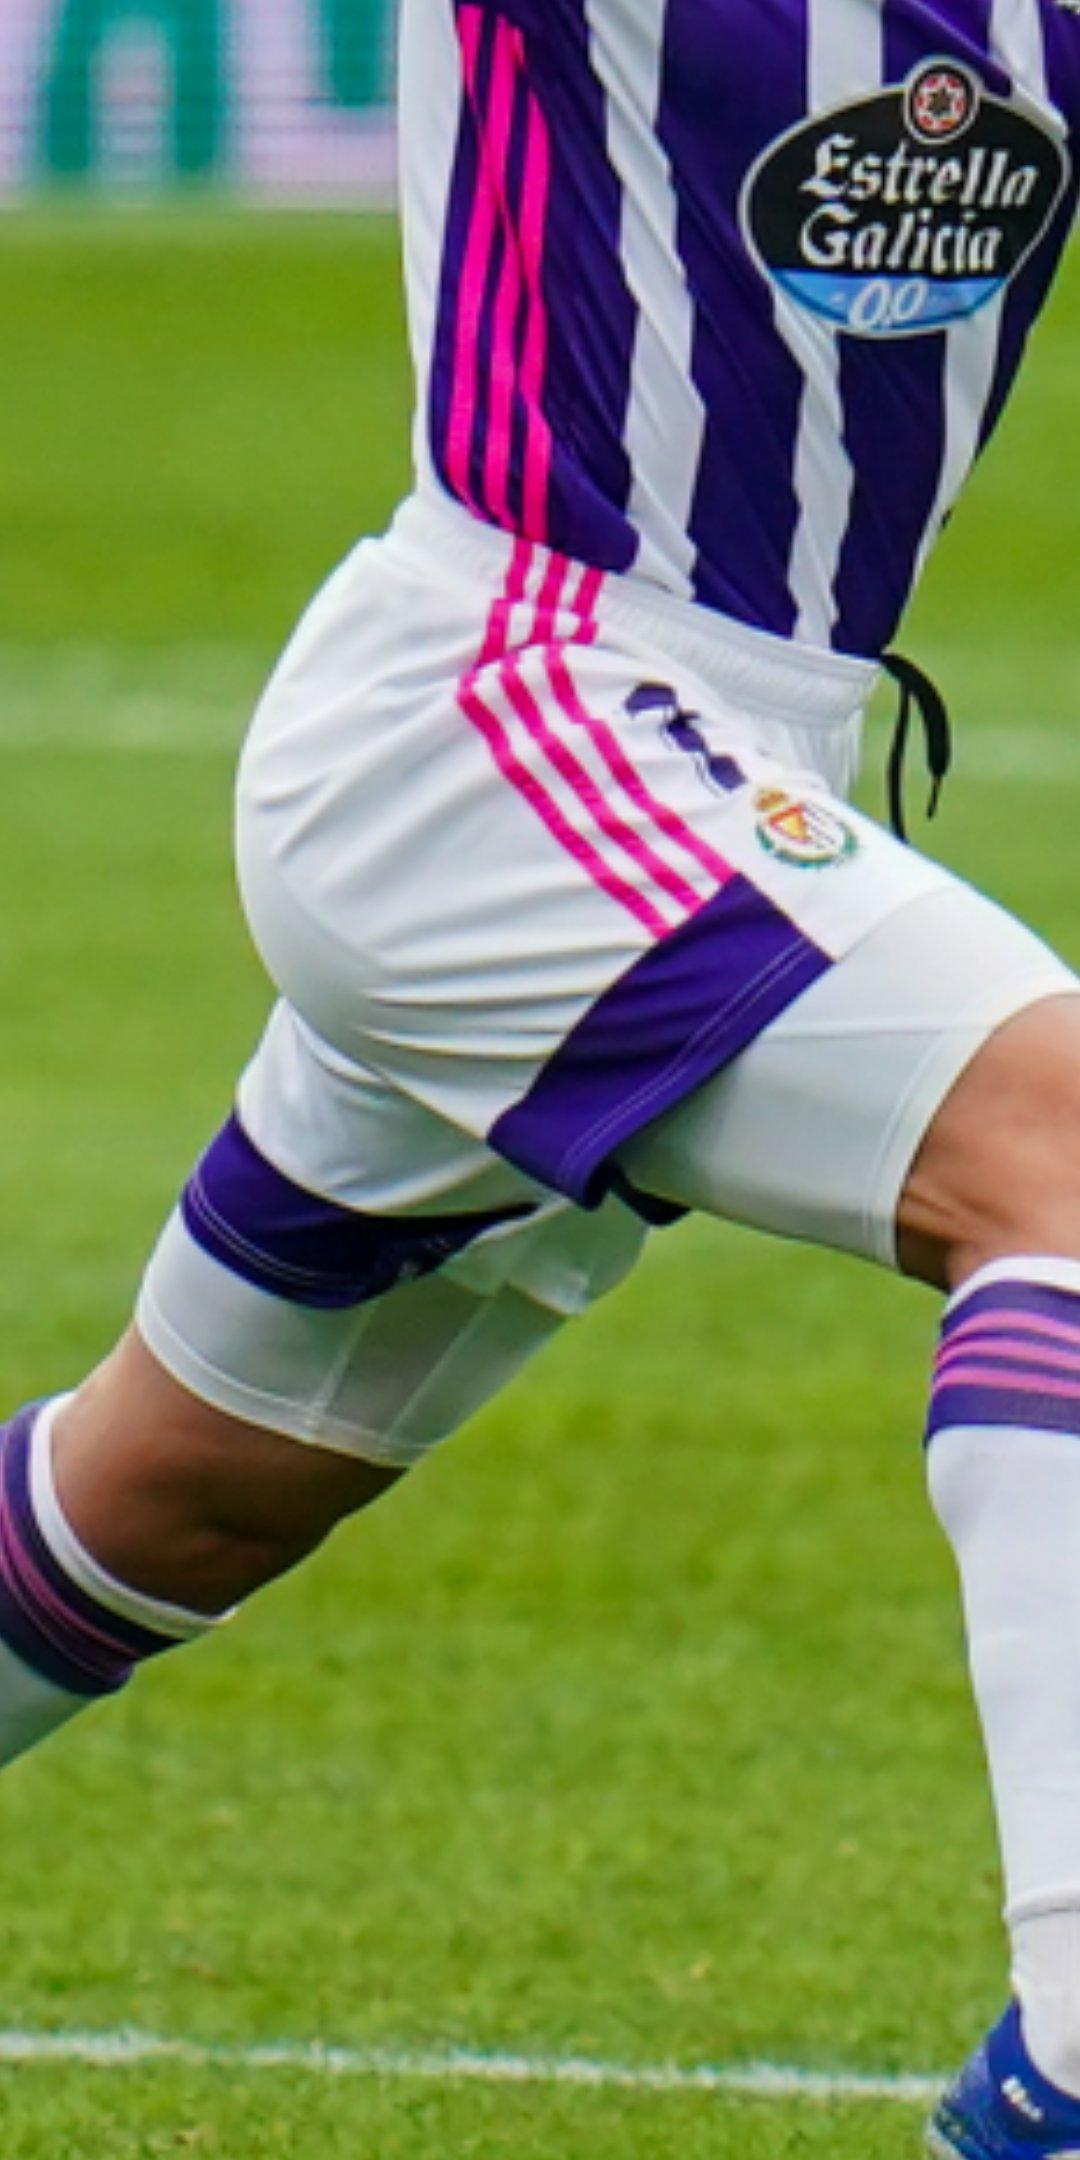 Villarreal C.F. - Real Valladolid C.F. Lunes 2 de Noviembre. 21:00 - Página 2 ElWBuN_XgAAC8x4?format=jpg&name=4096x4096